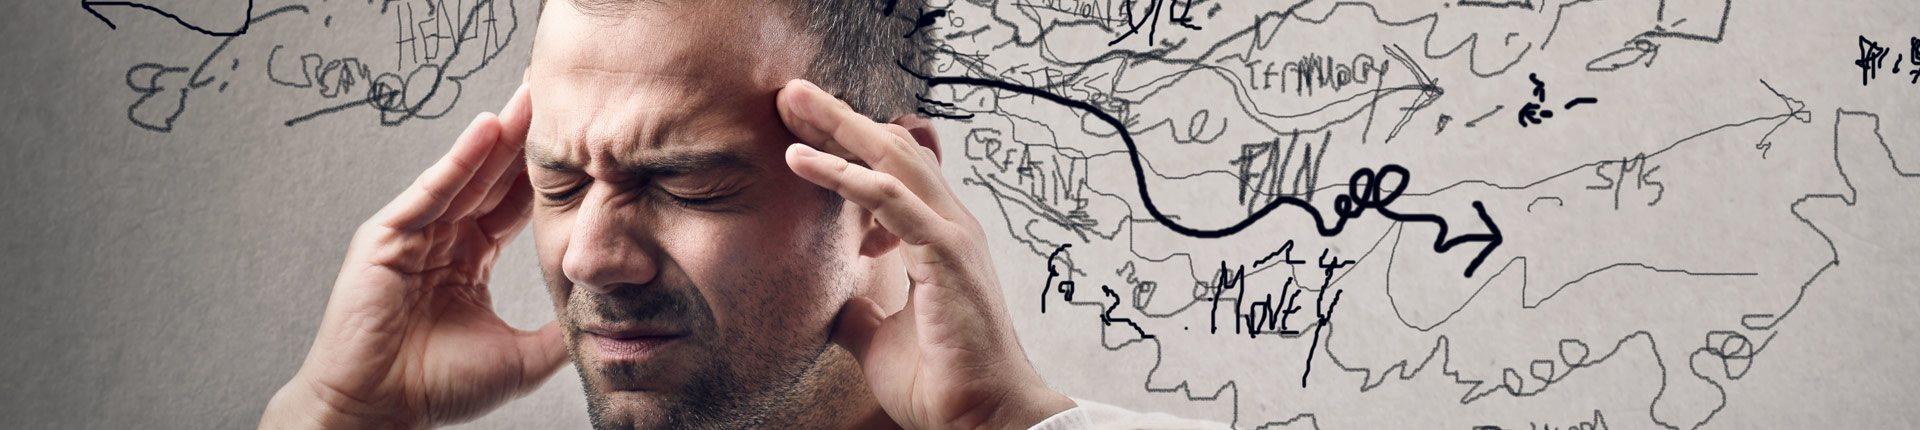 Stres-w jaki sposób niszczy mózg?